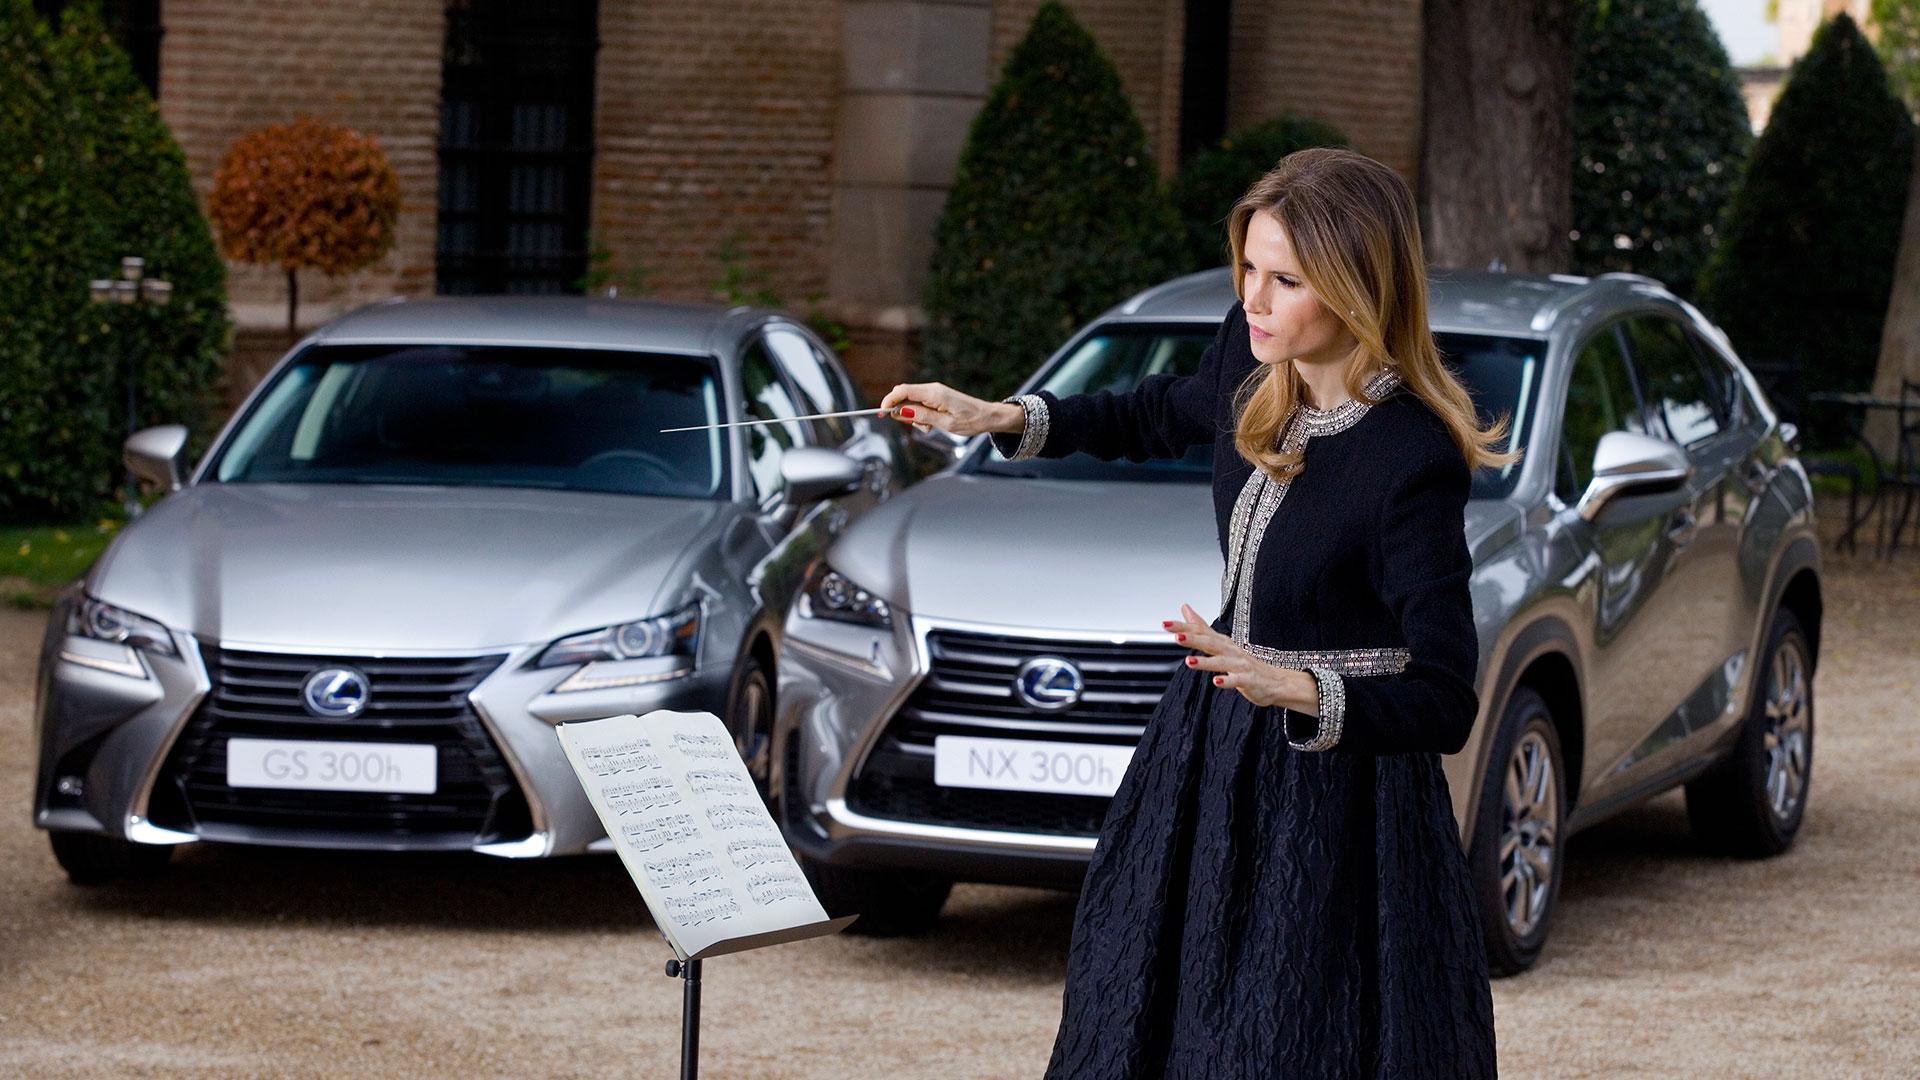 Inma Shara colabora con Lexus en la búsqueda de la excelencia de la marca en su trato con el cliente